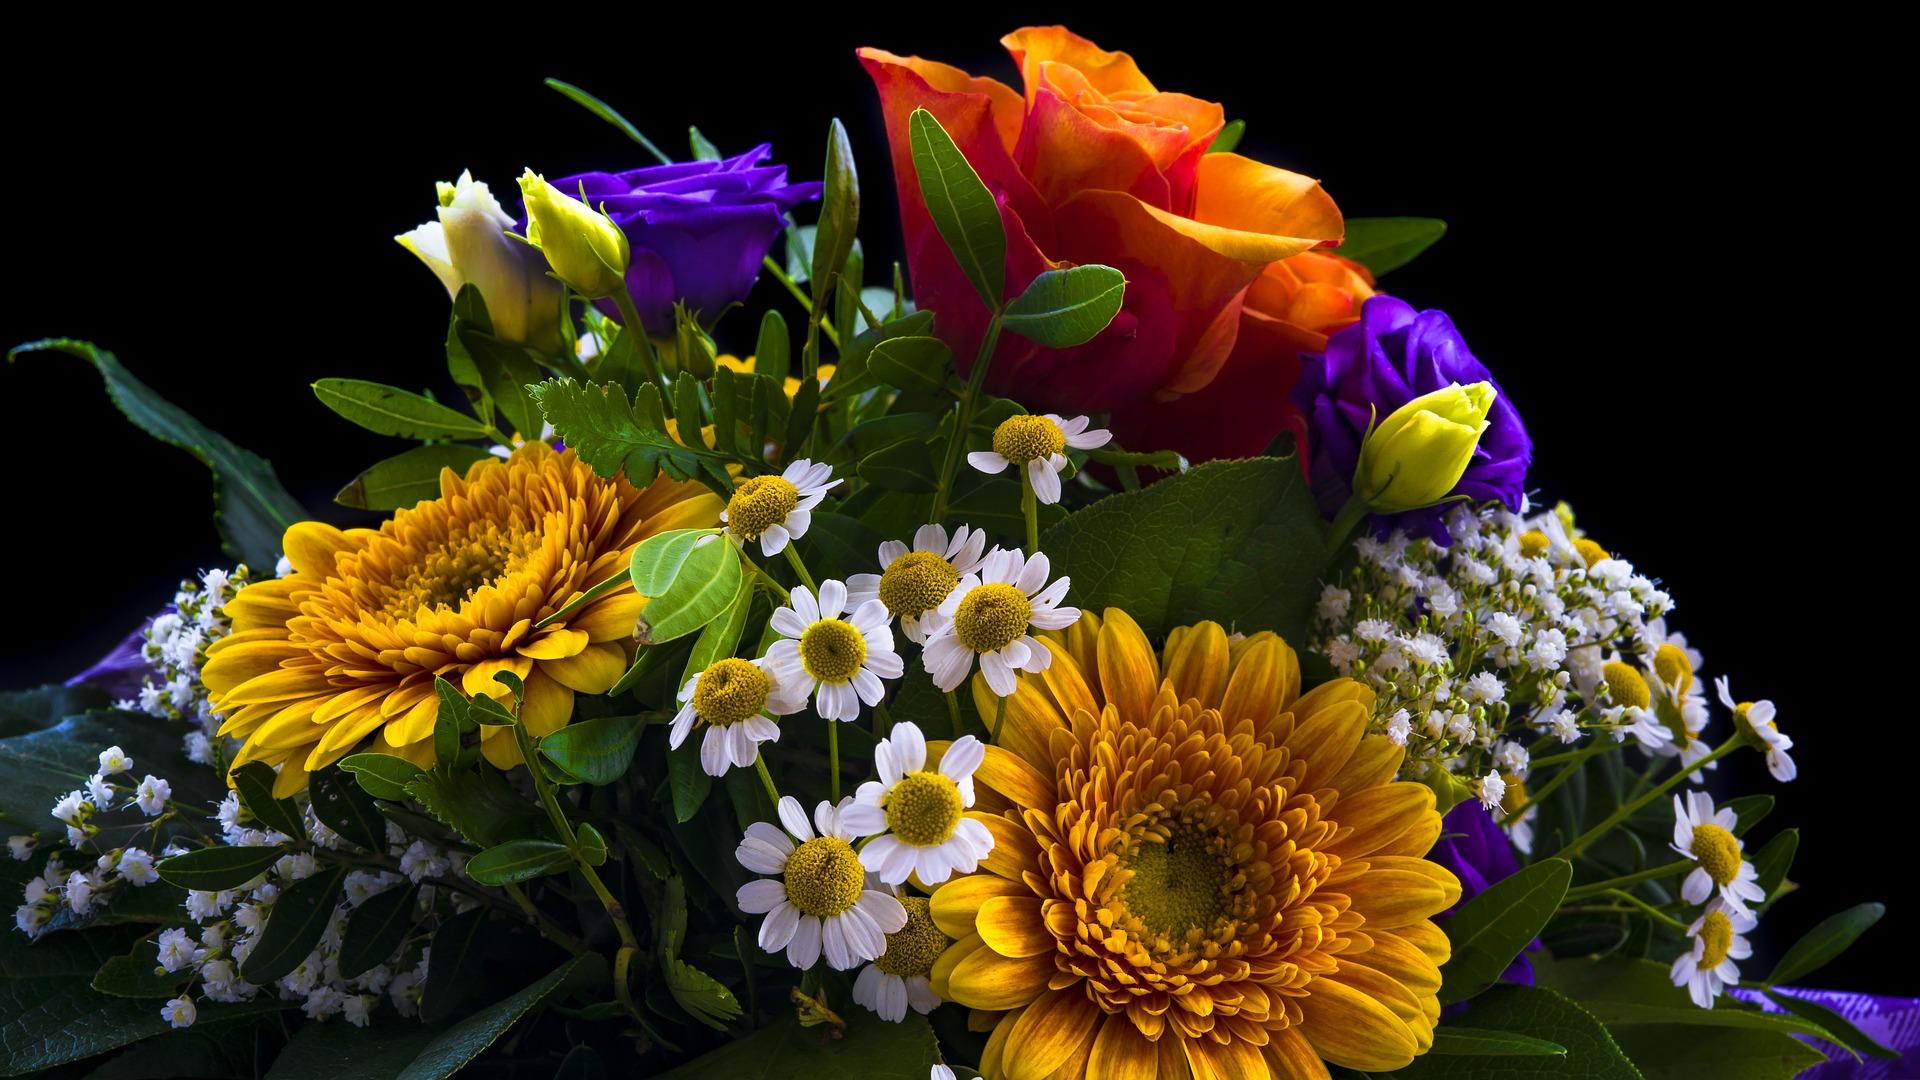 kwiaty z okazji dnia matki